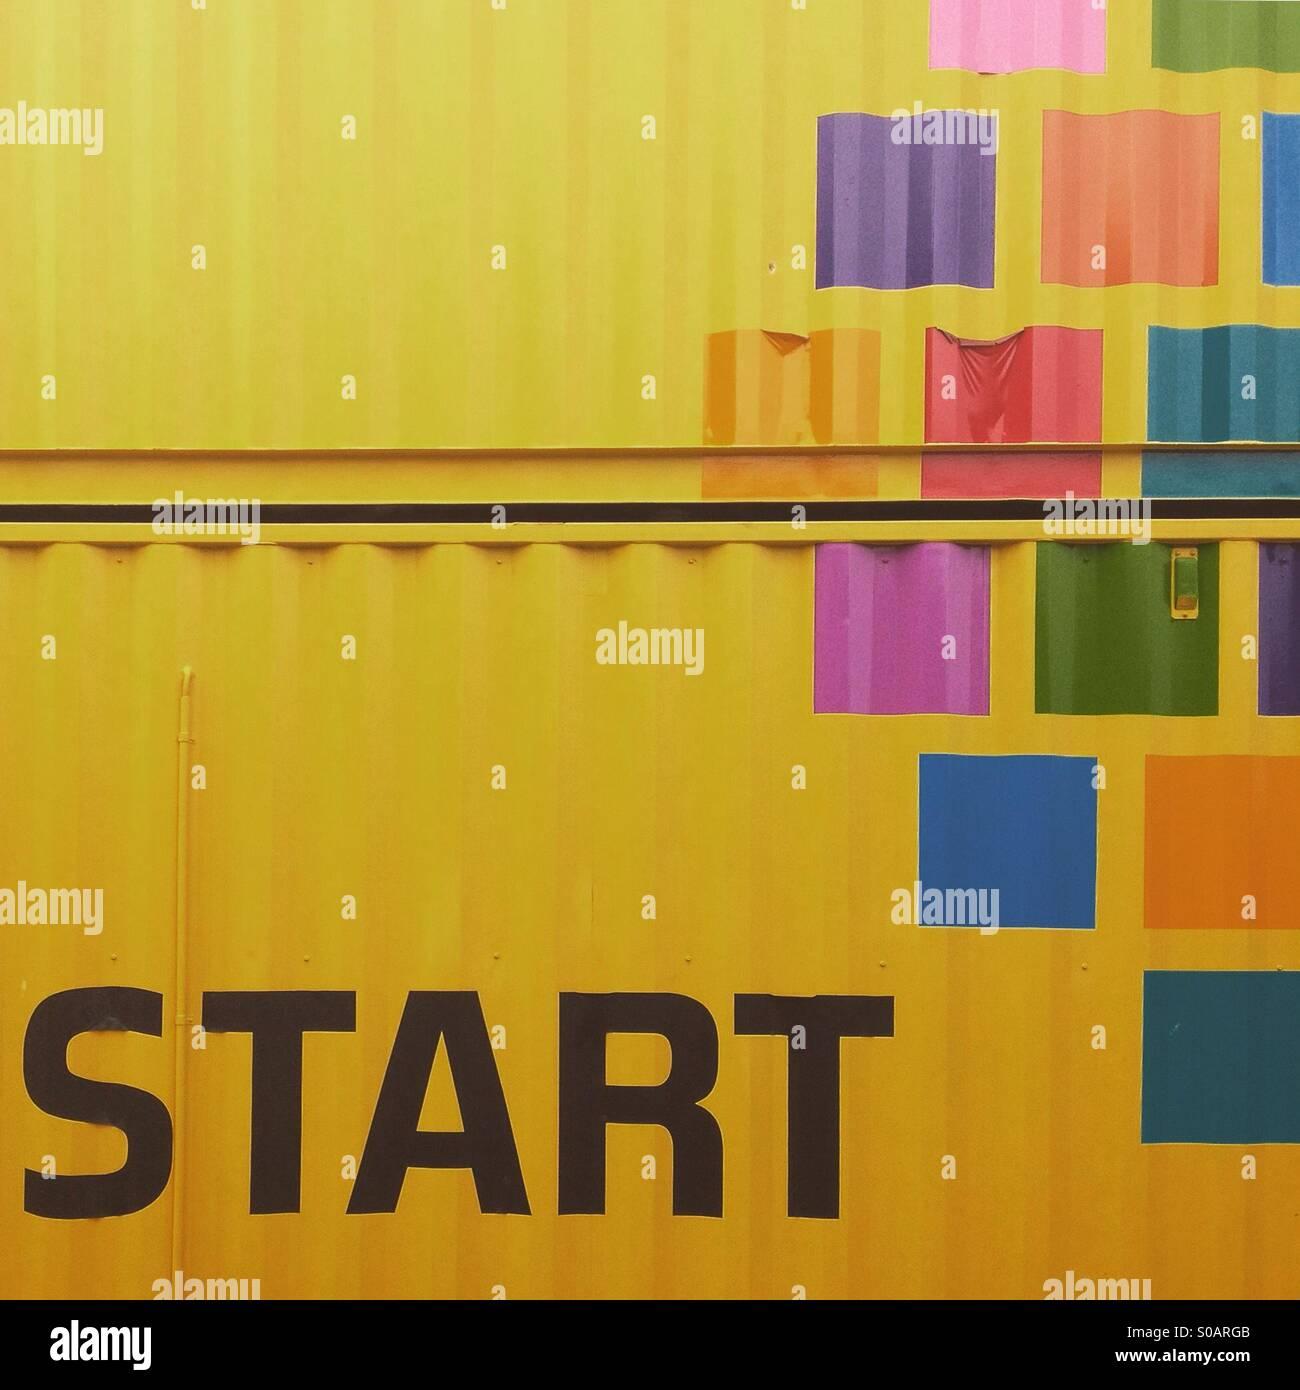 Iniciar las letras impresas en un contenedor Imagen De Stock